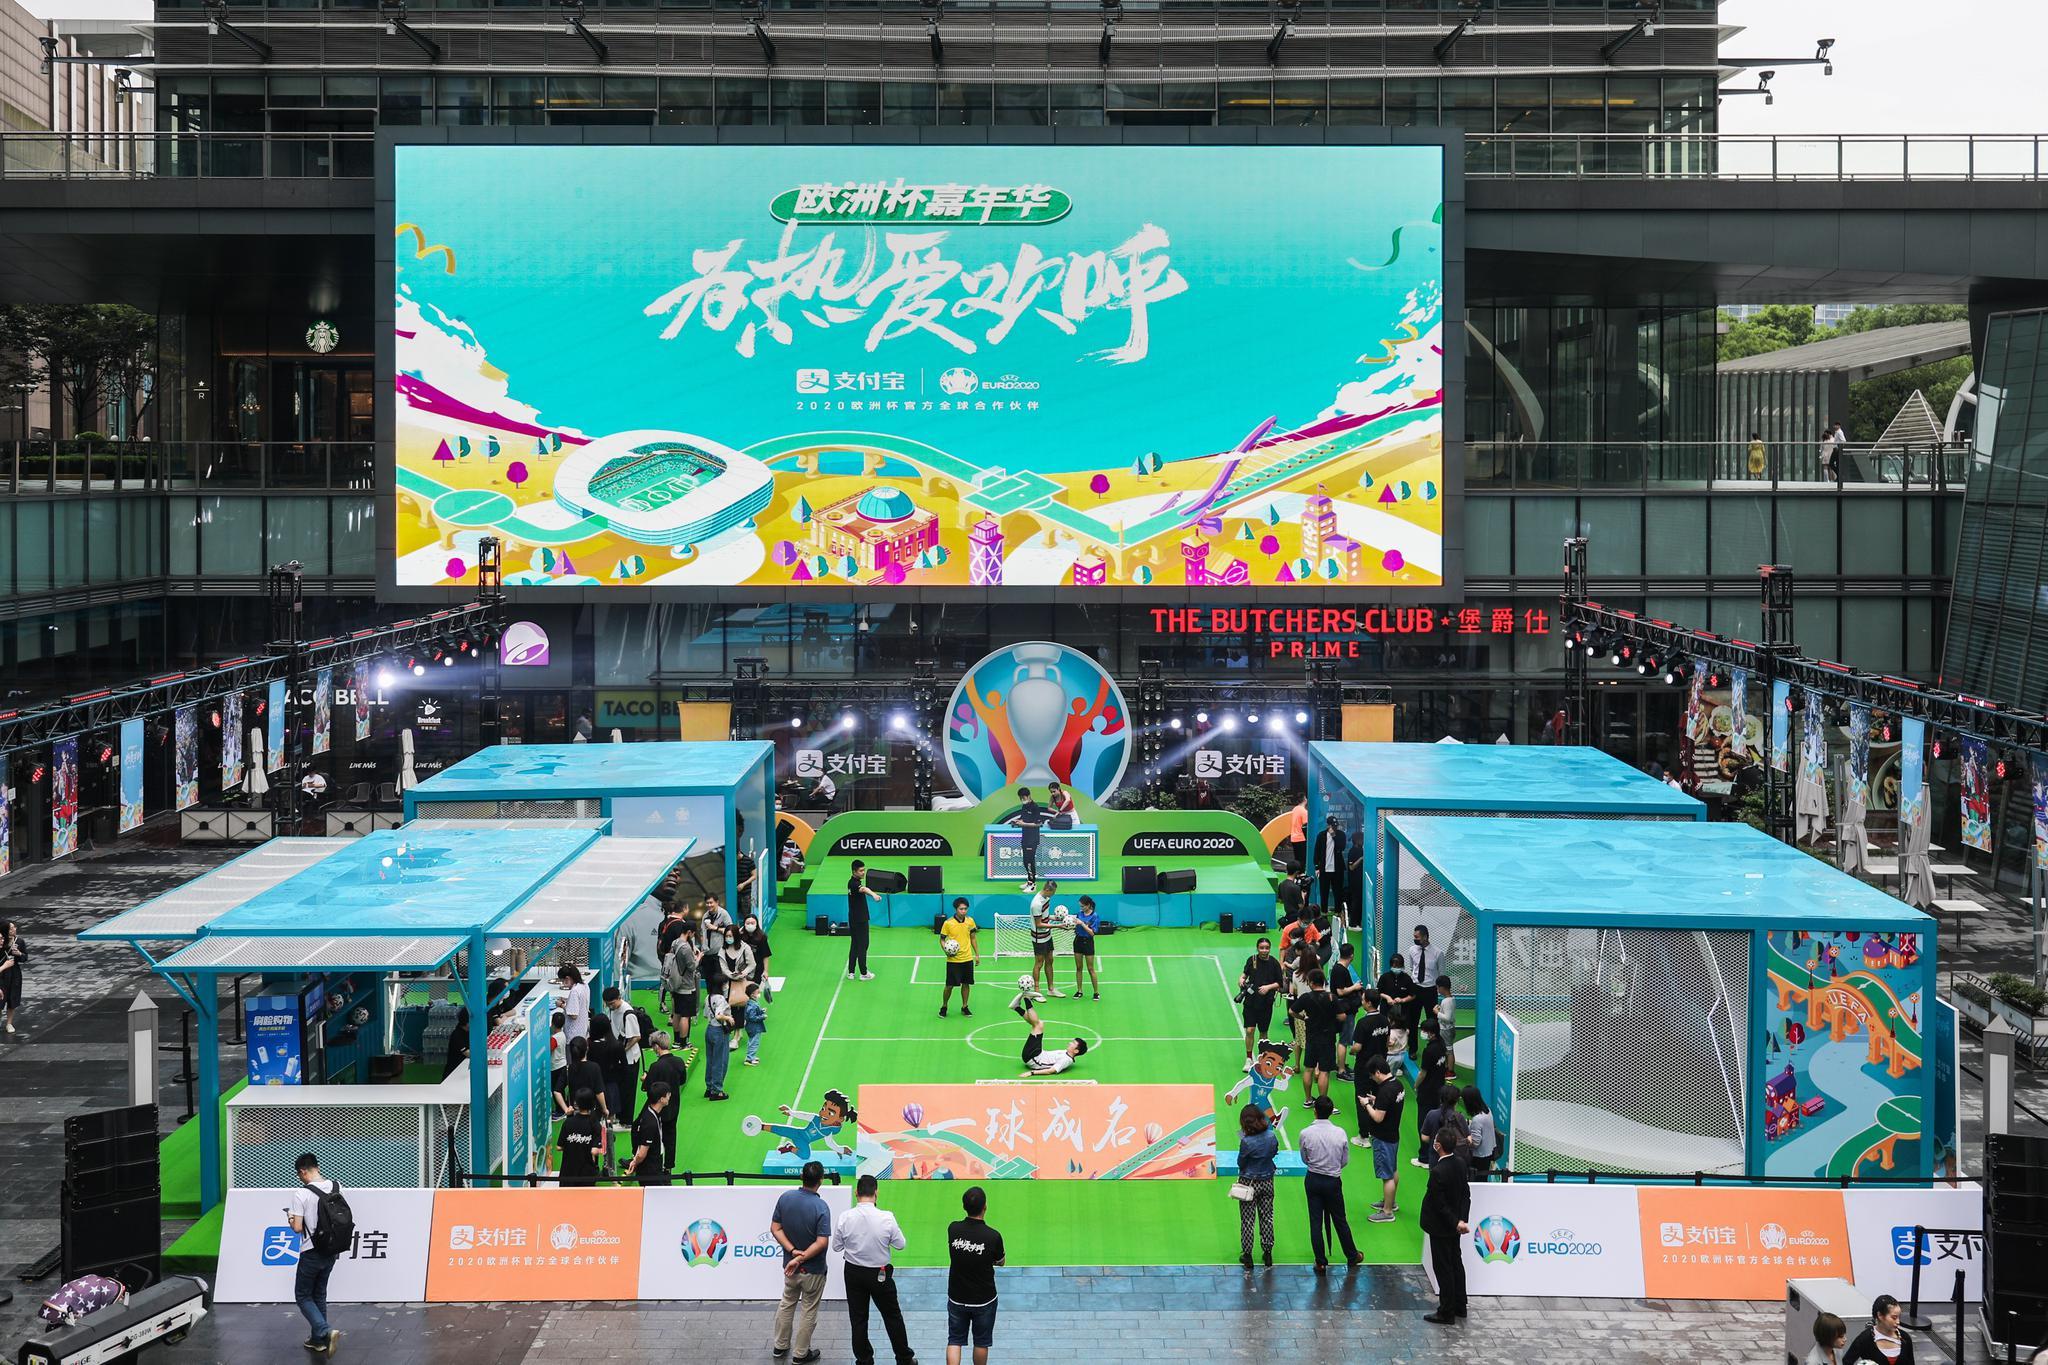 欧洲杯冠军奖杯空降上海:在足球面前,地域时差不设限